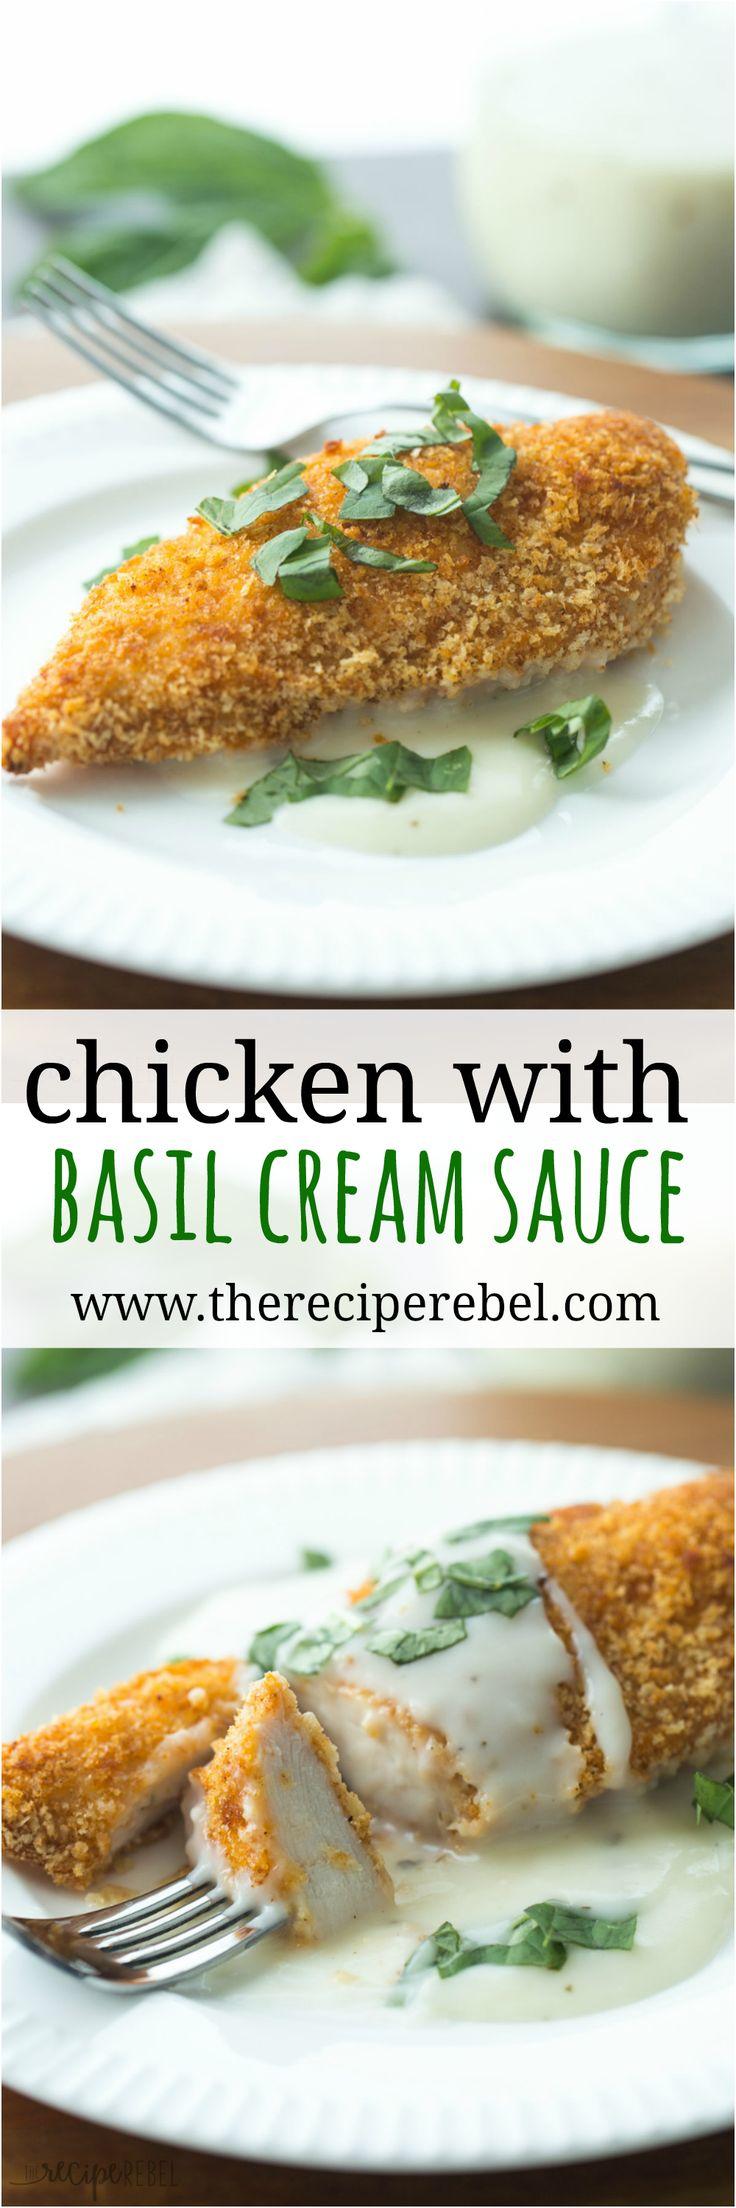 Mussels In Basil Cream Sauce Recipe — Dishmaps